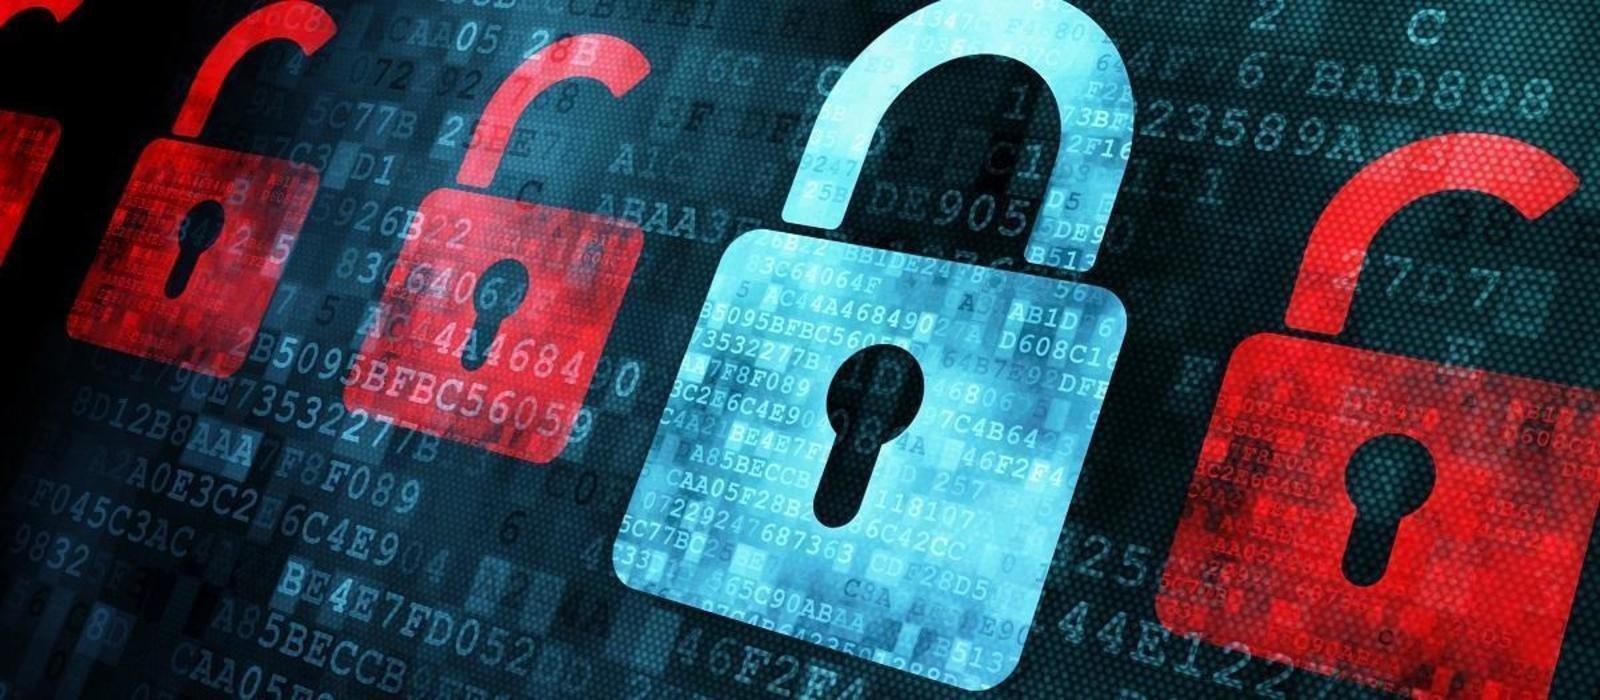 Επιτυχημένη η ημερίδα της Α.Δ.Α.Ε για την ασφάλεια και το απόρρητο στο διαδίκτυο